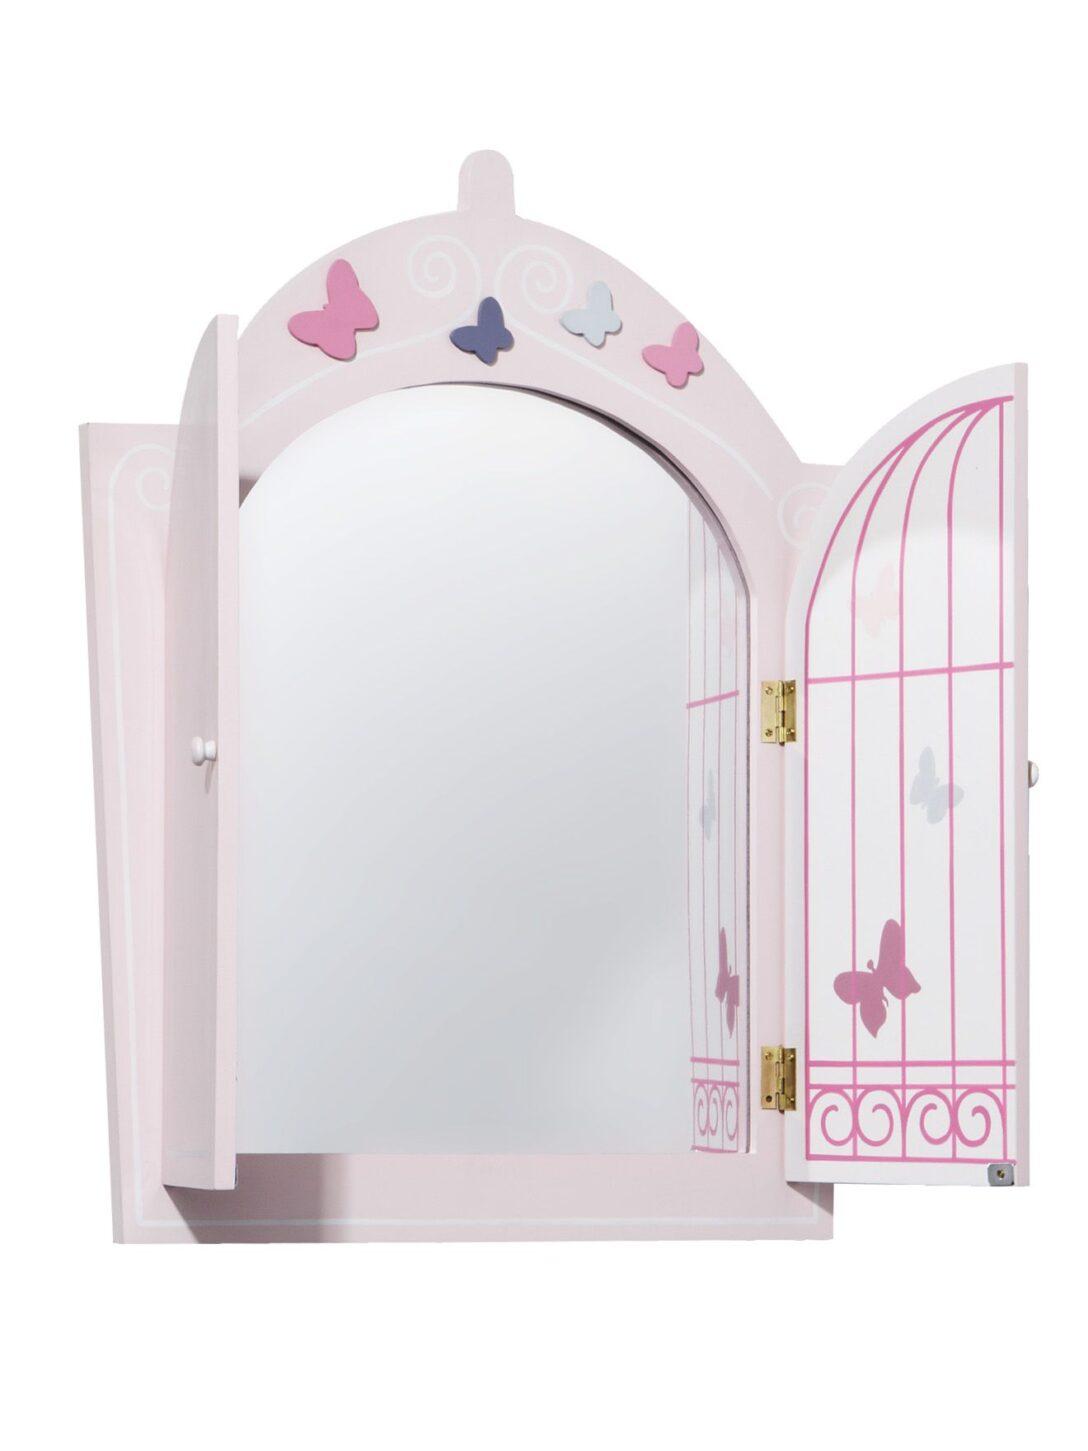 Large Size of Regale Kinderzimmer Regal Weiß Fliesenspiegel Küche Glas Bad Spiegelschrank Mit Beleuchtung Wandspiegel Klappspiegel Selber Machen Spiegelschränke Fürs Kinderzimmer Spiegel Kinderzimmer